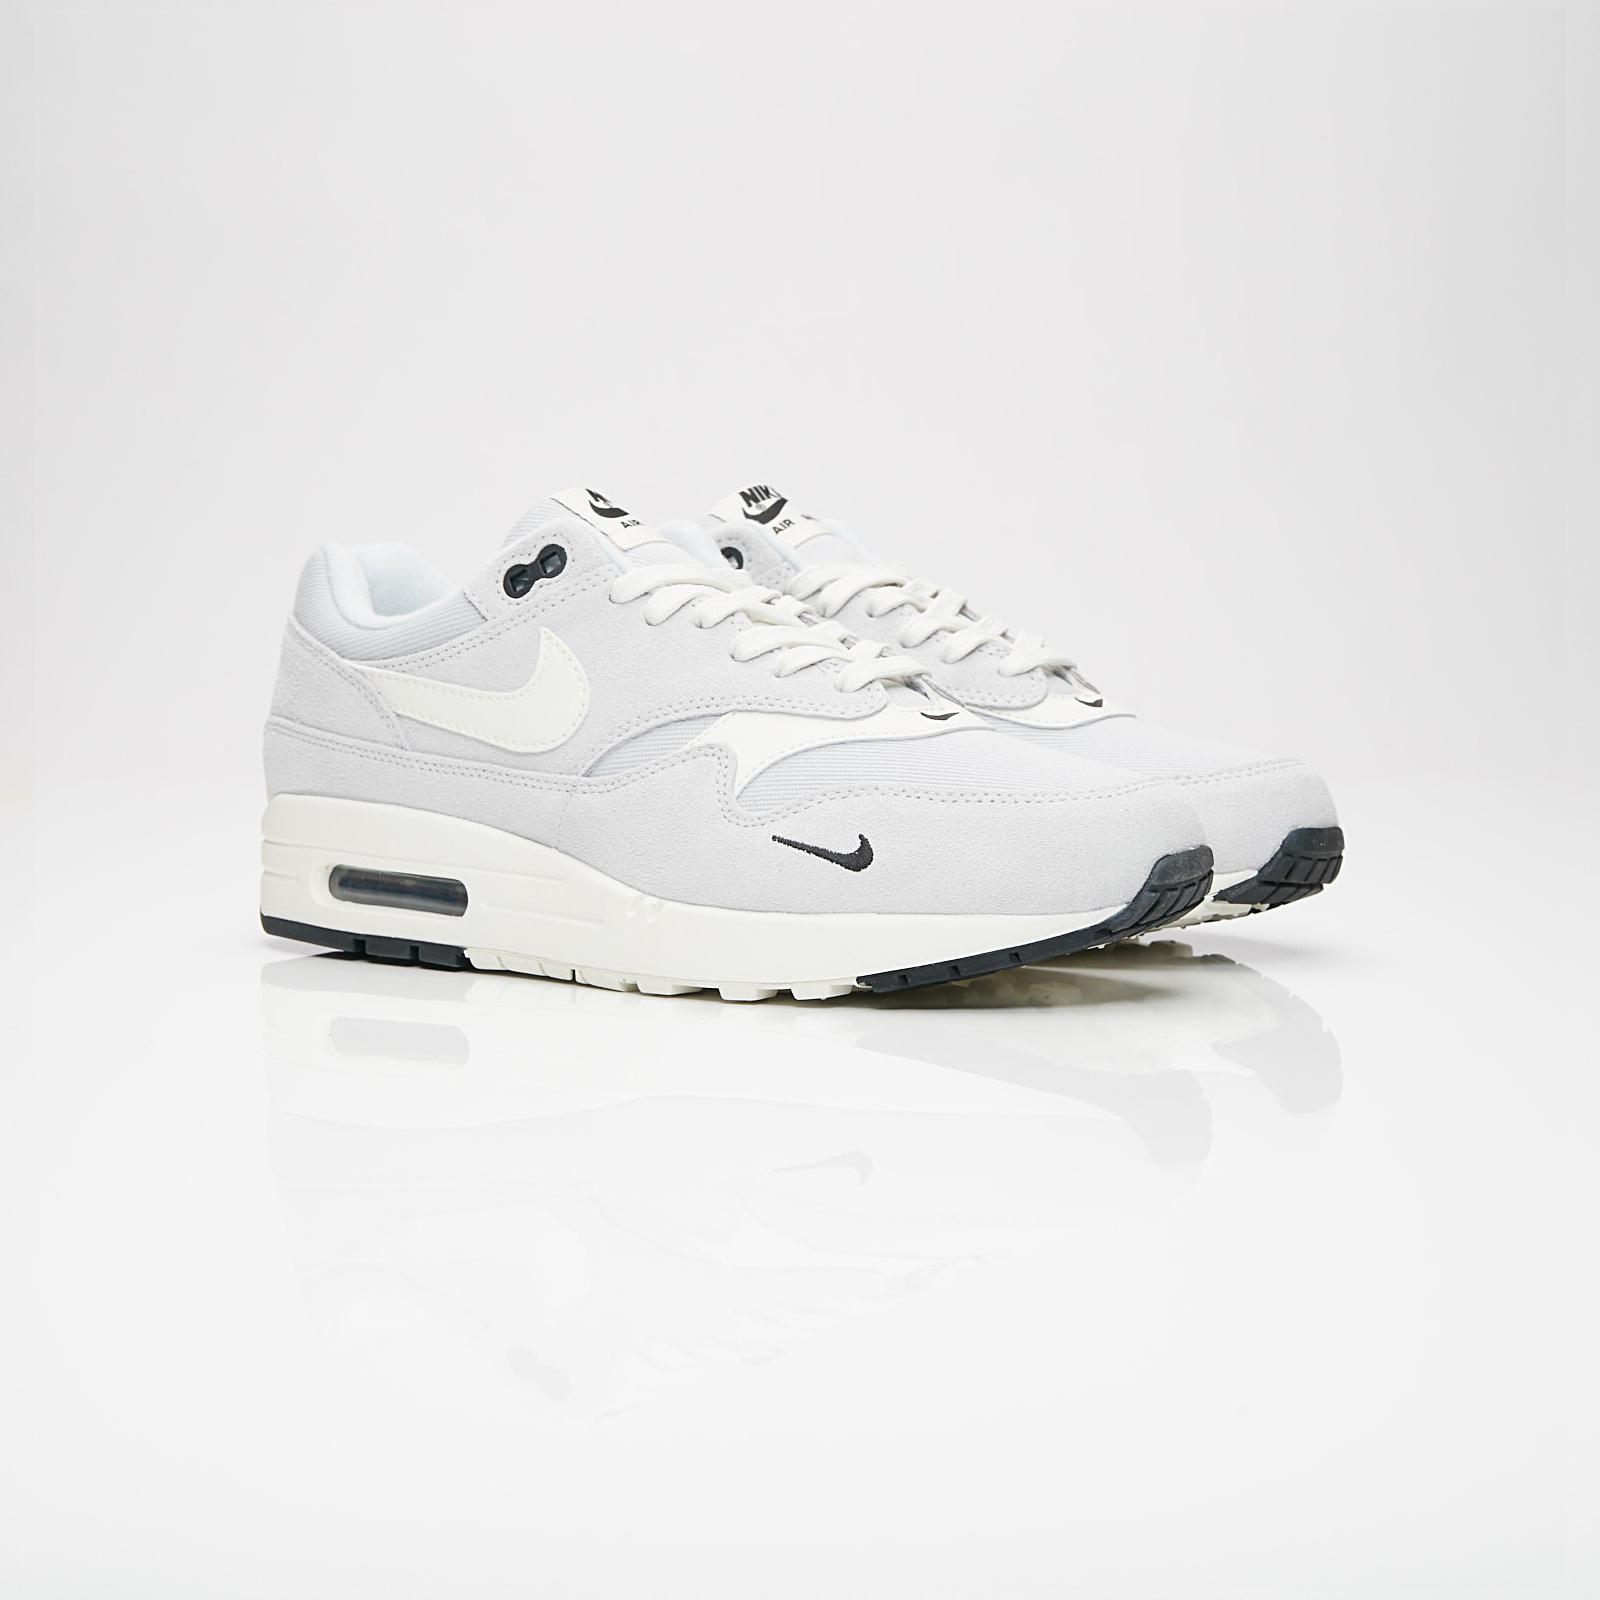 quality design 8b51a ea7bd Nike Sportswear Air Max 1 Premium